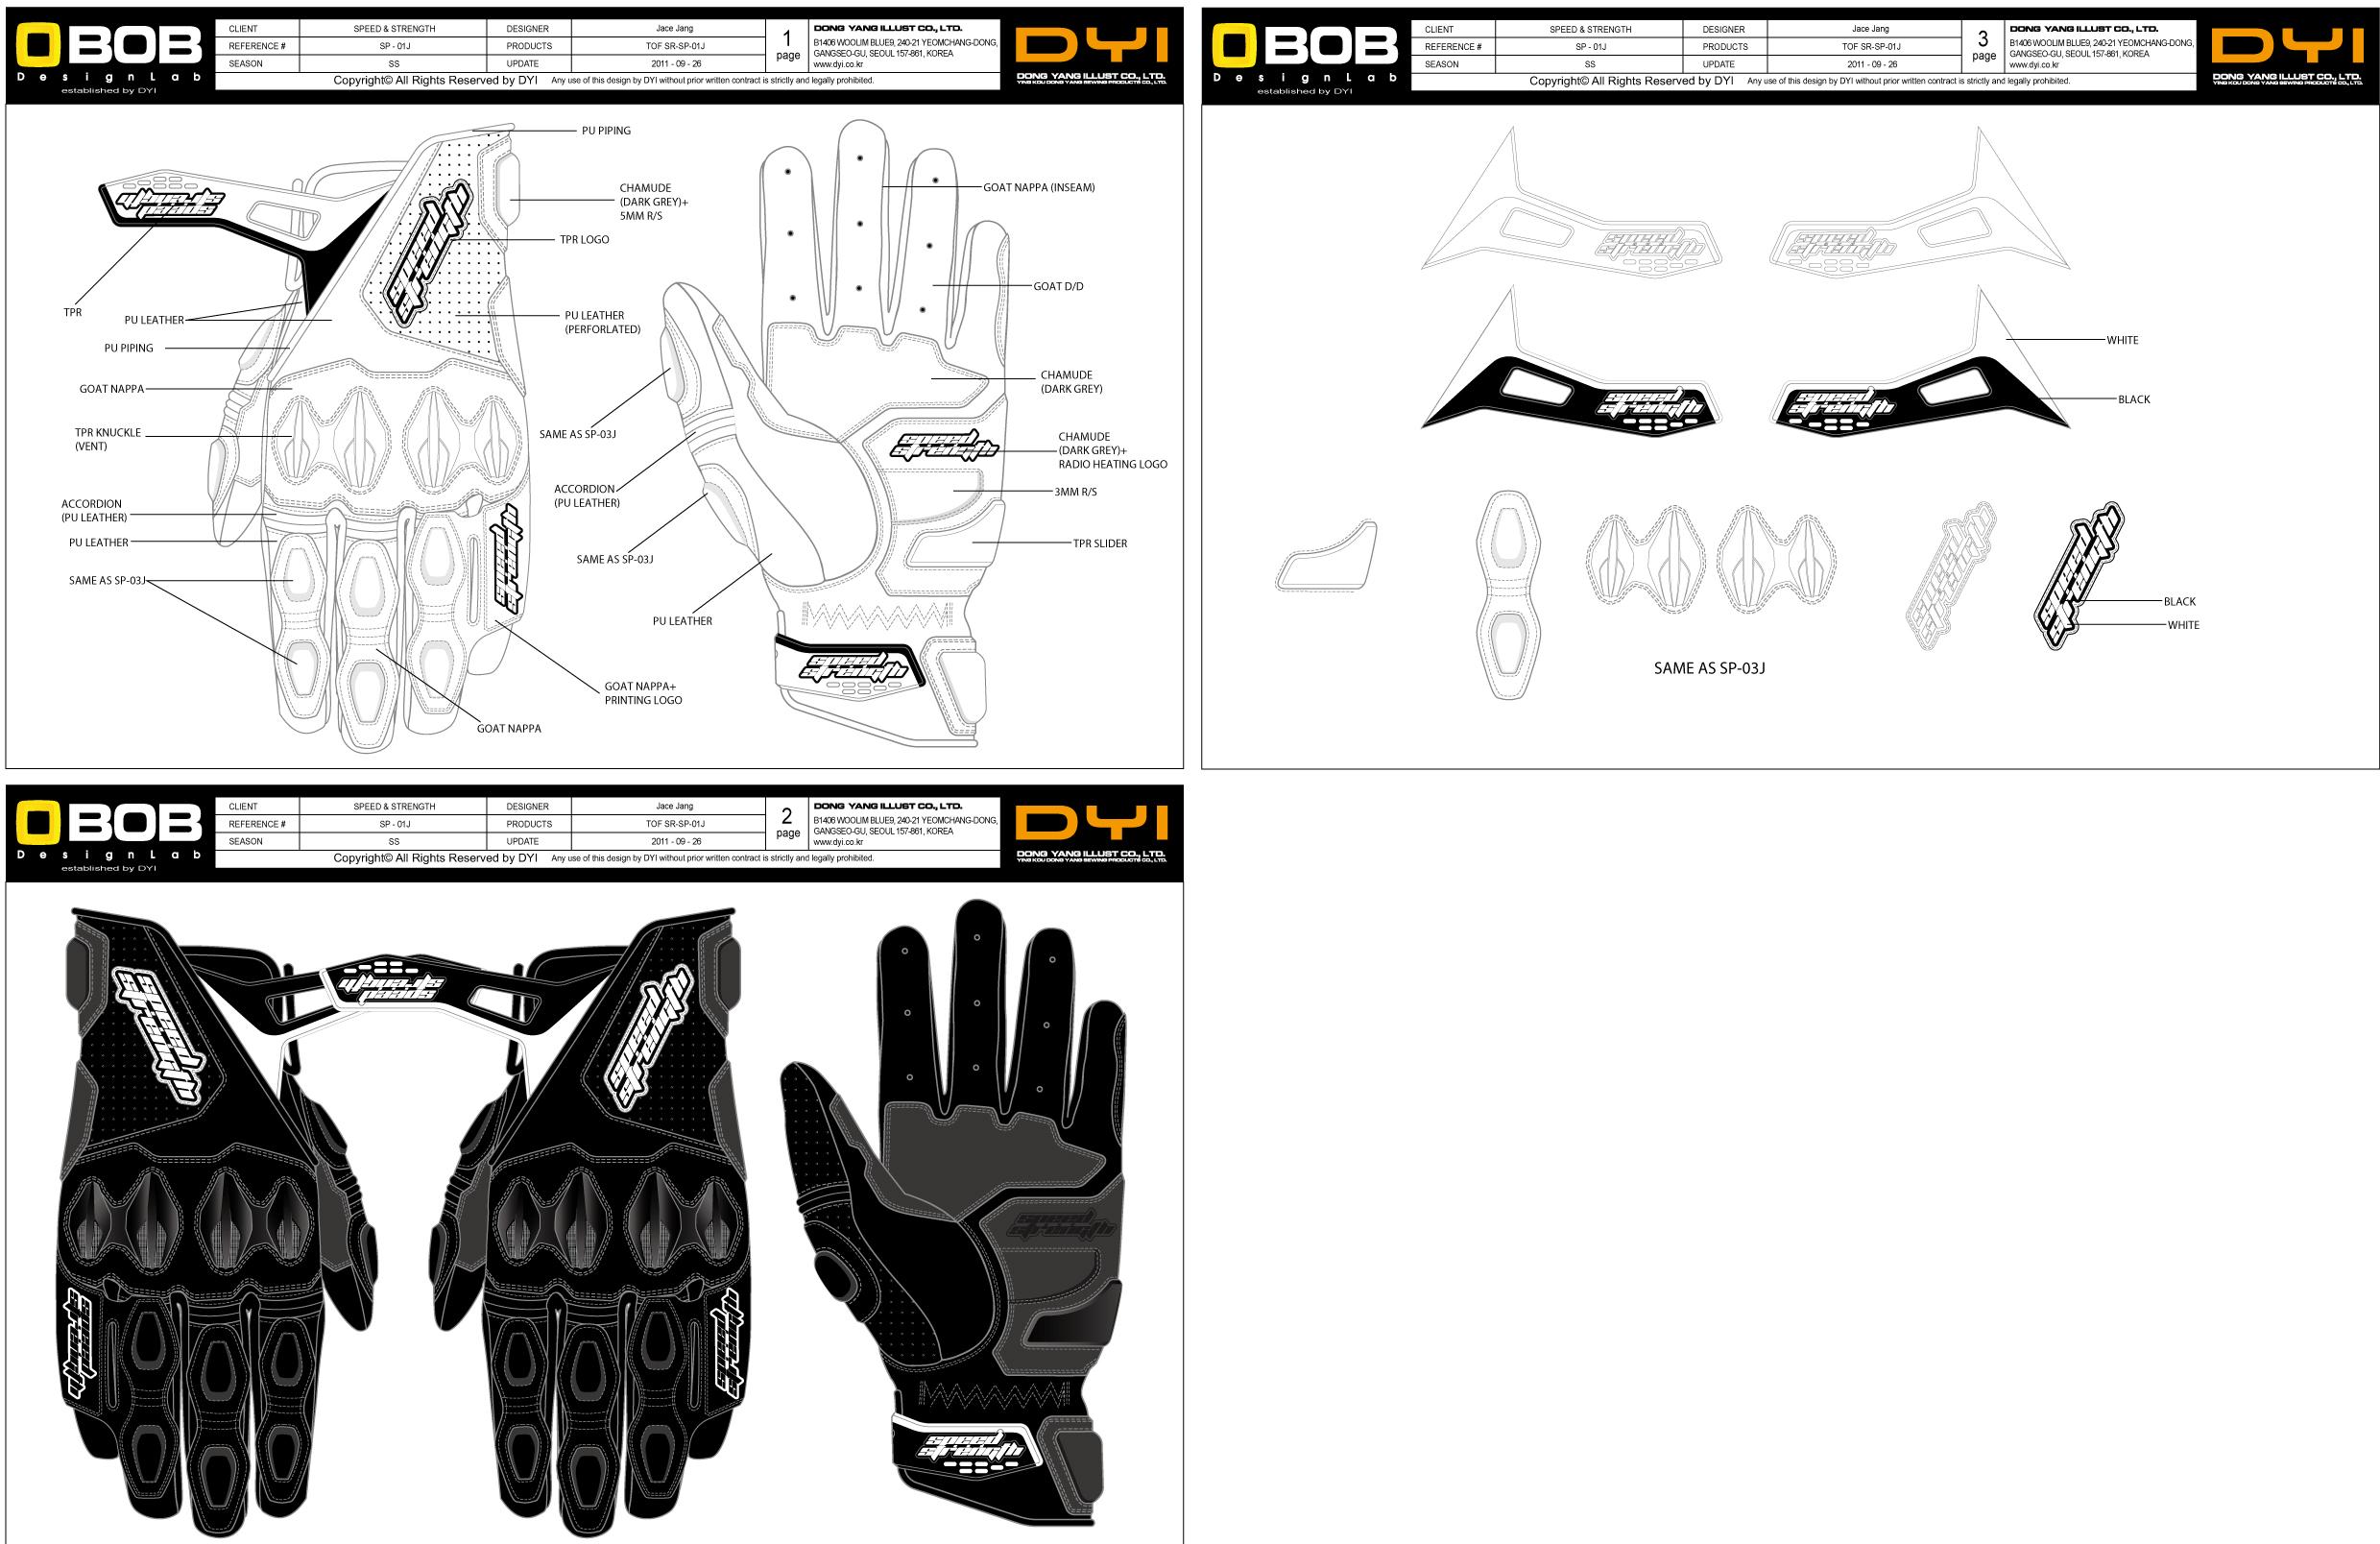 一短款摩托车手套设计图